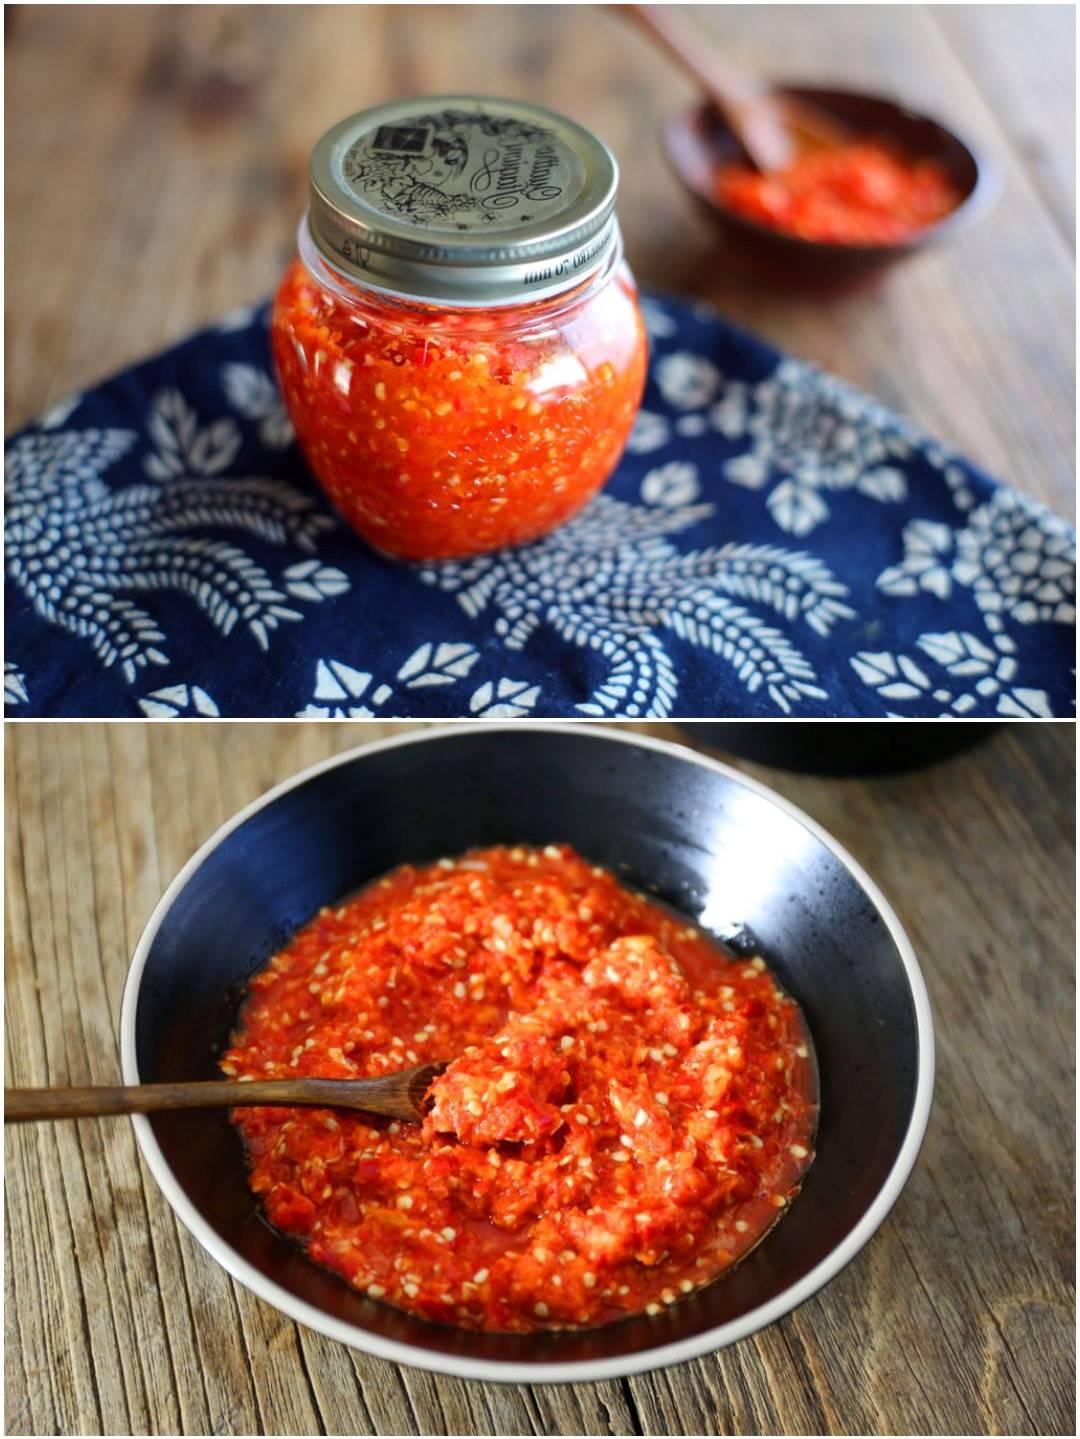 Chinese chili paste recipe 2020